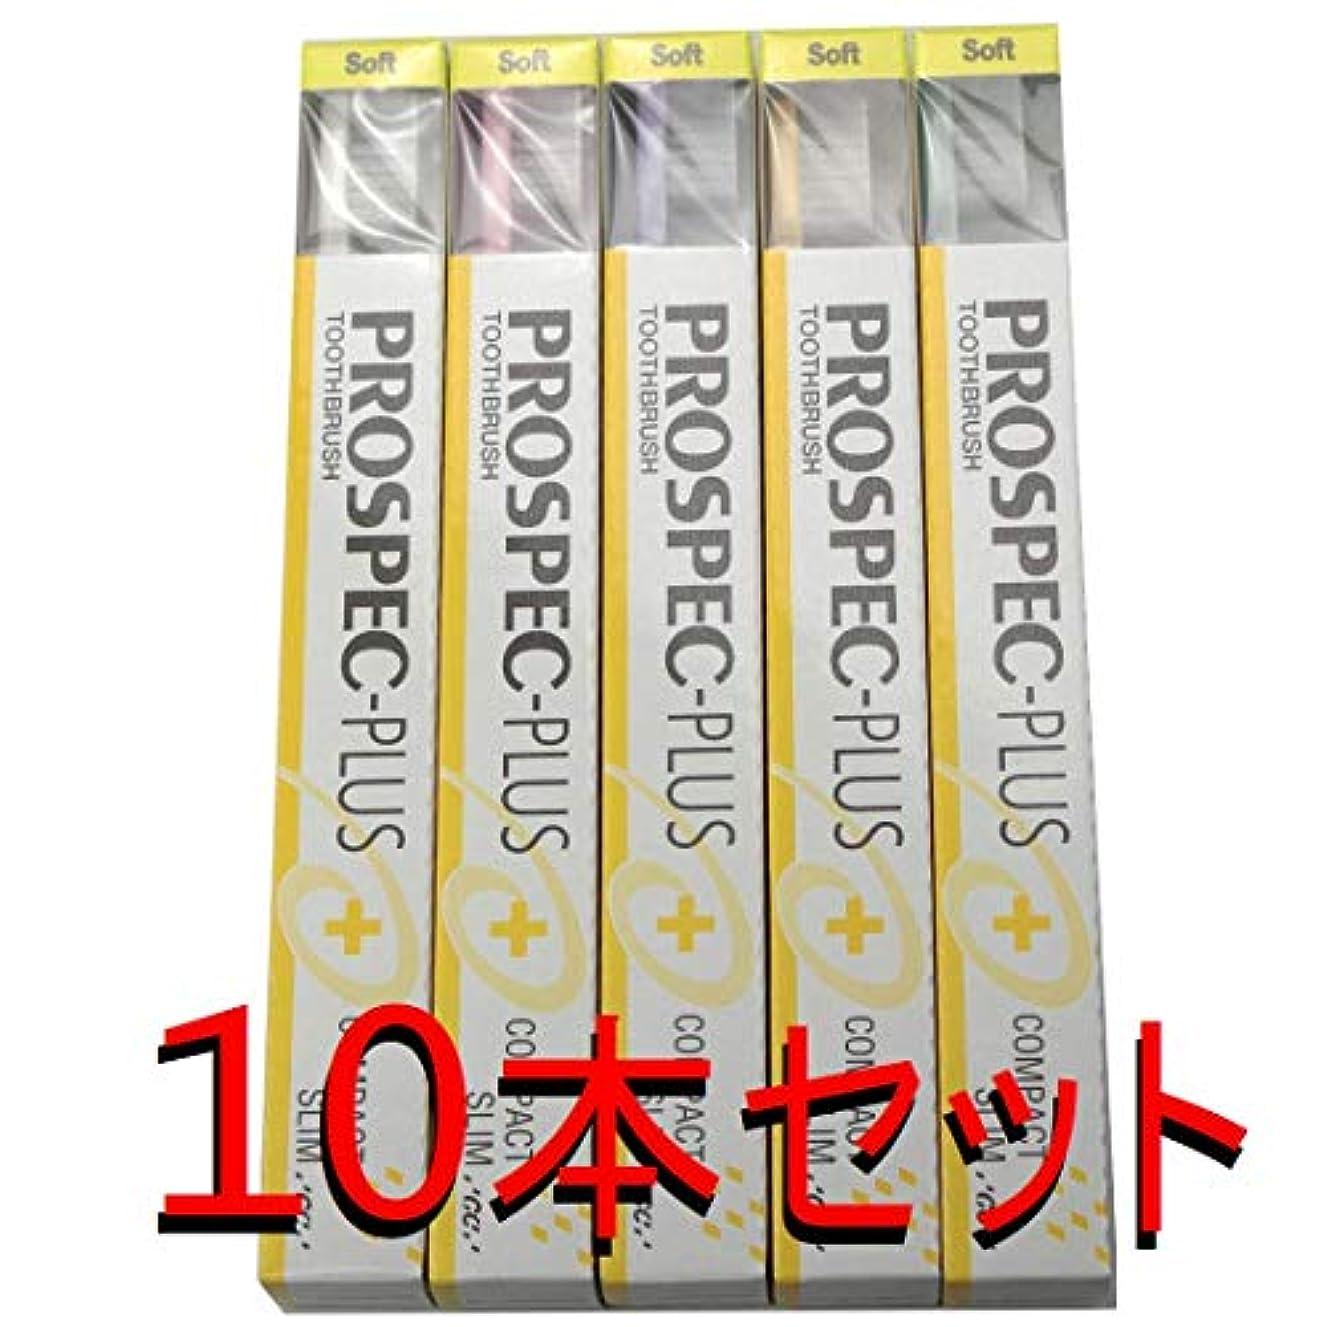 パックリングおとなしいGC プロスペック 歯ブラシプラス コンパクトスリム S (10本セット)